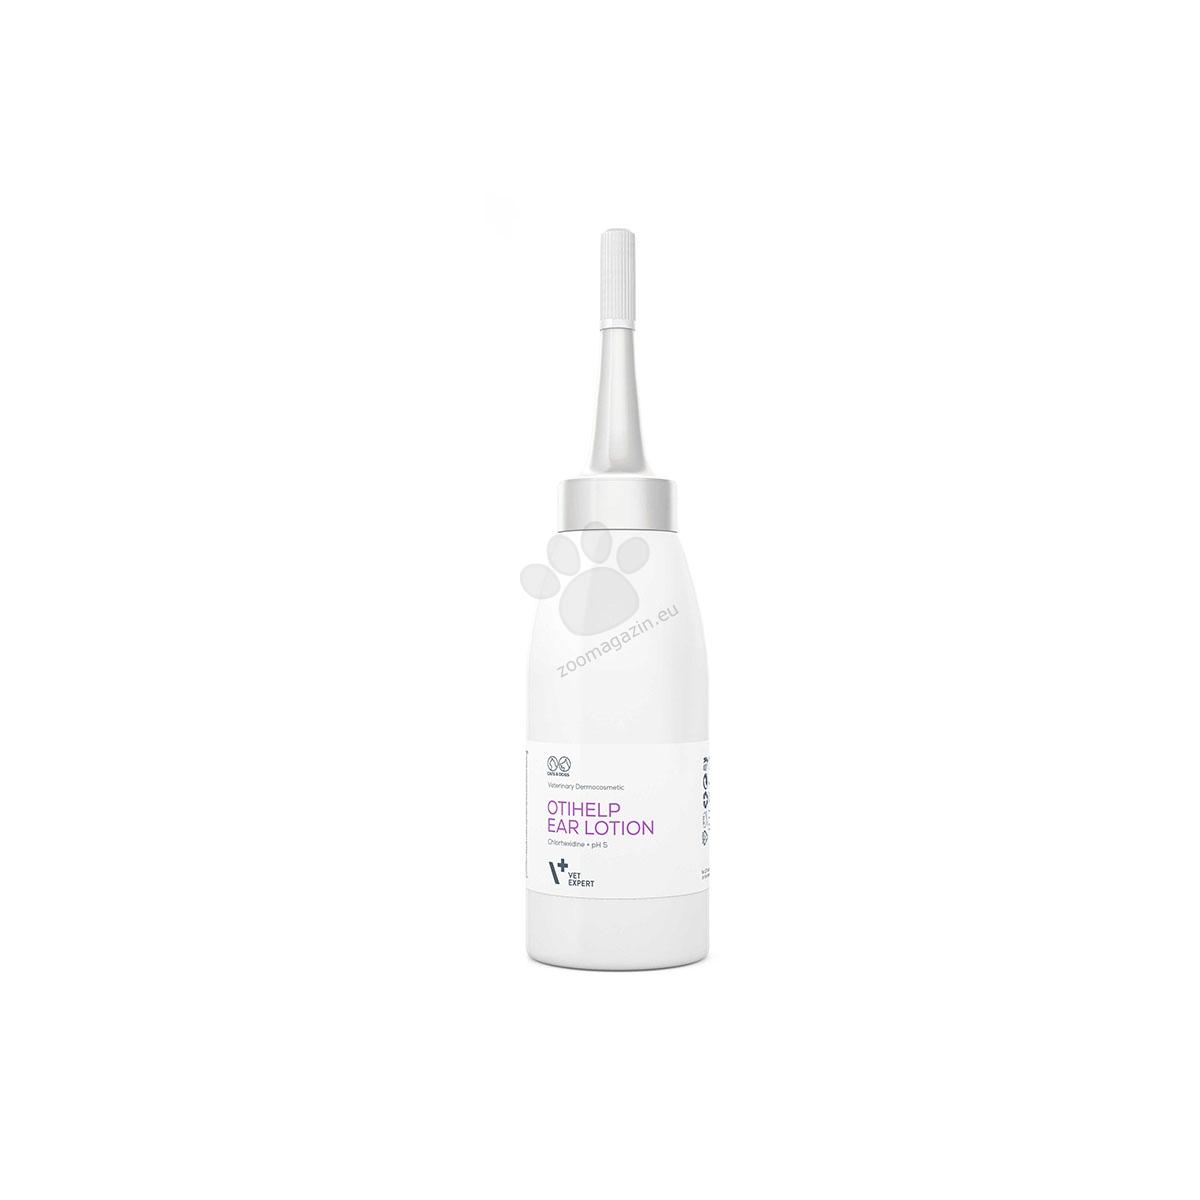 Vetexpert - OtiHelp ear lotion - за оптимална хигиена на ушния канал 75 мл.